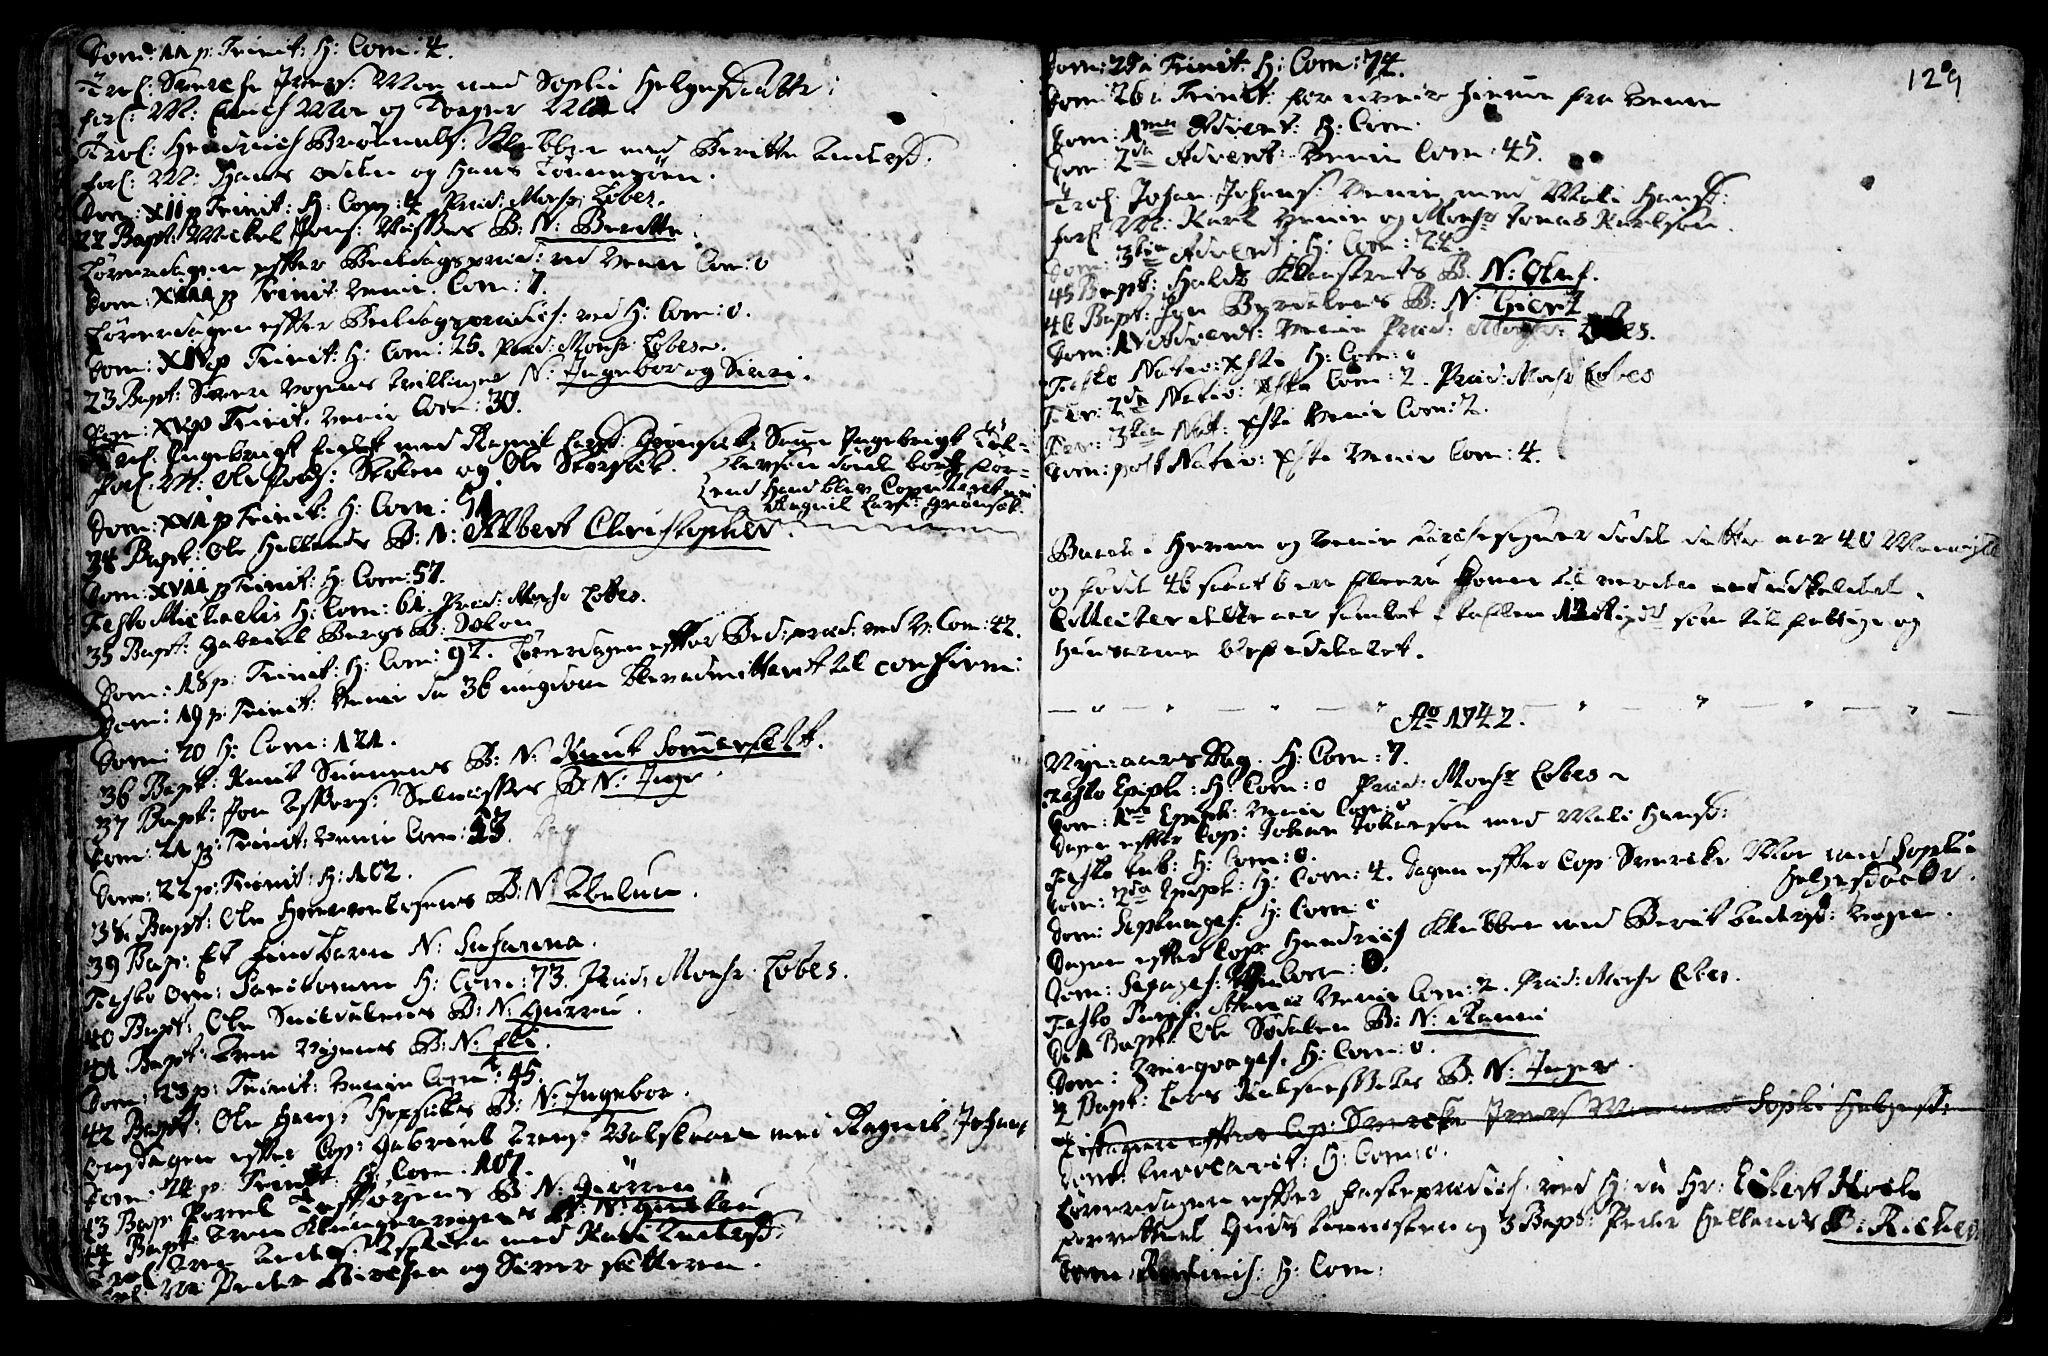 SAT, Ministerialprotokoller, klokkerbøker og fødselsregistre - Sør-Trøndelag, 630/L0488: Ministerialbok nr. 630A01, 1717-1756, s. 128-129